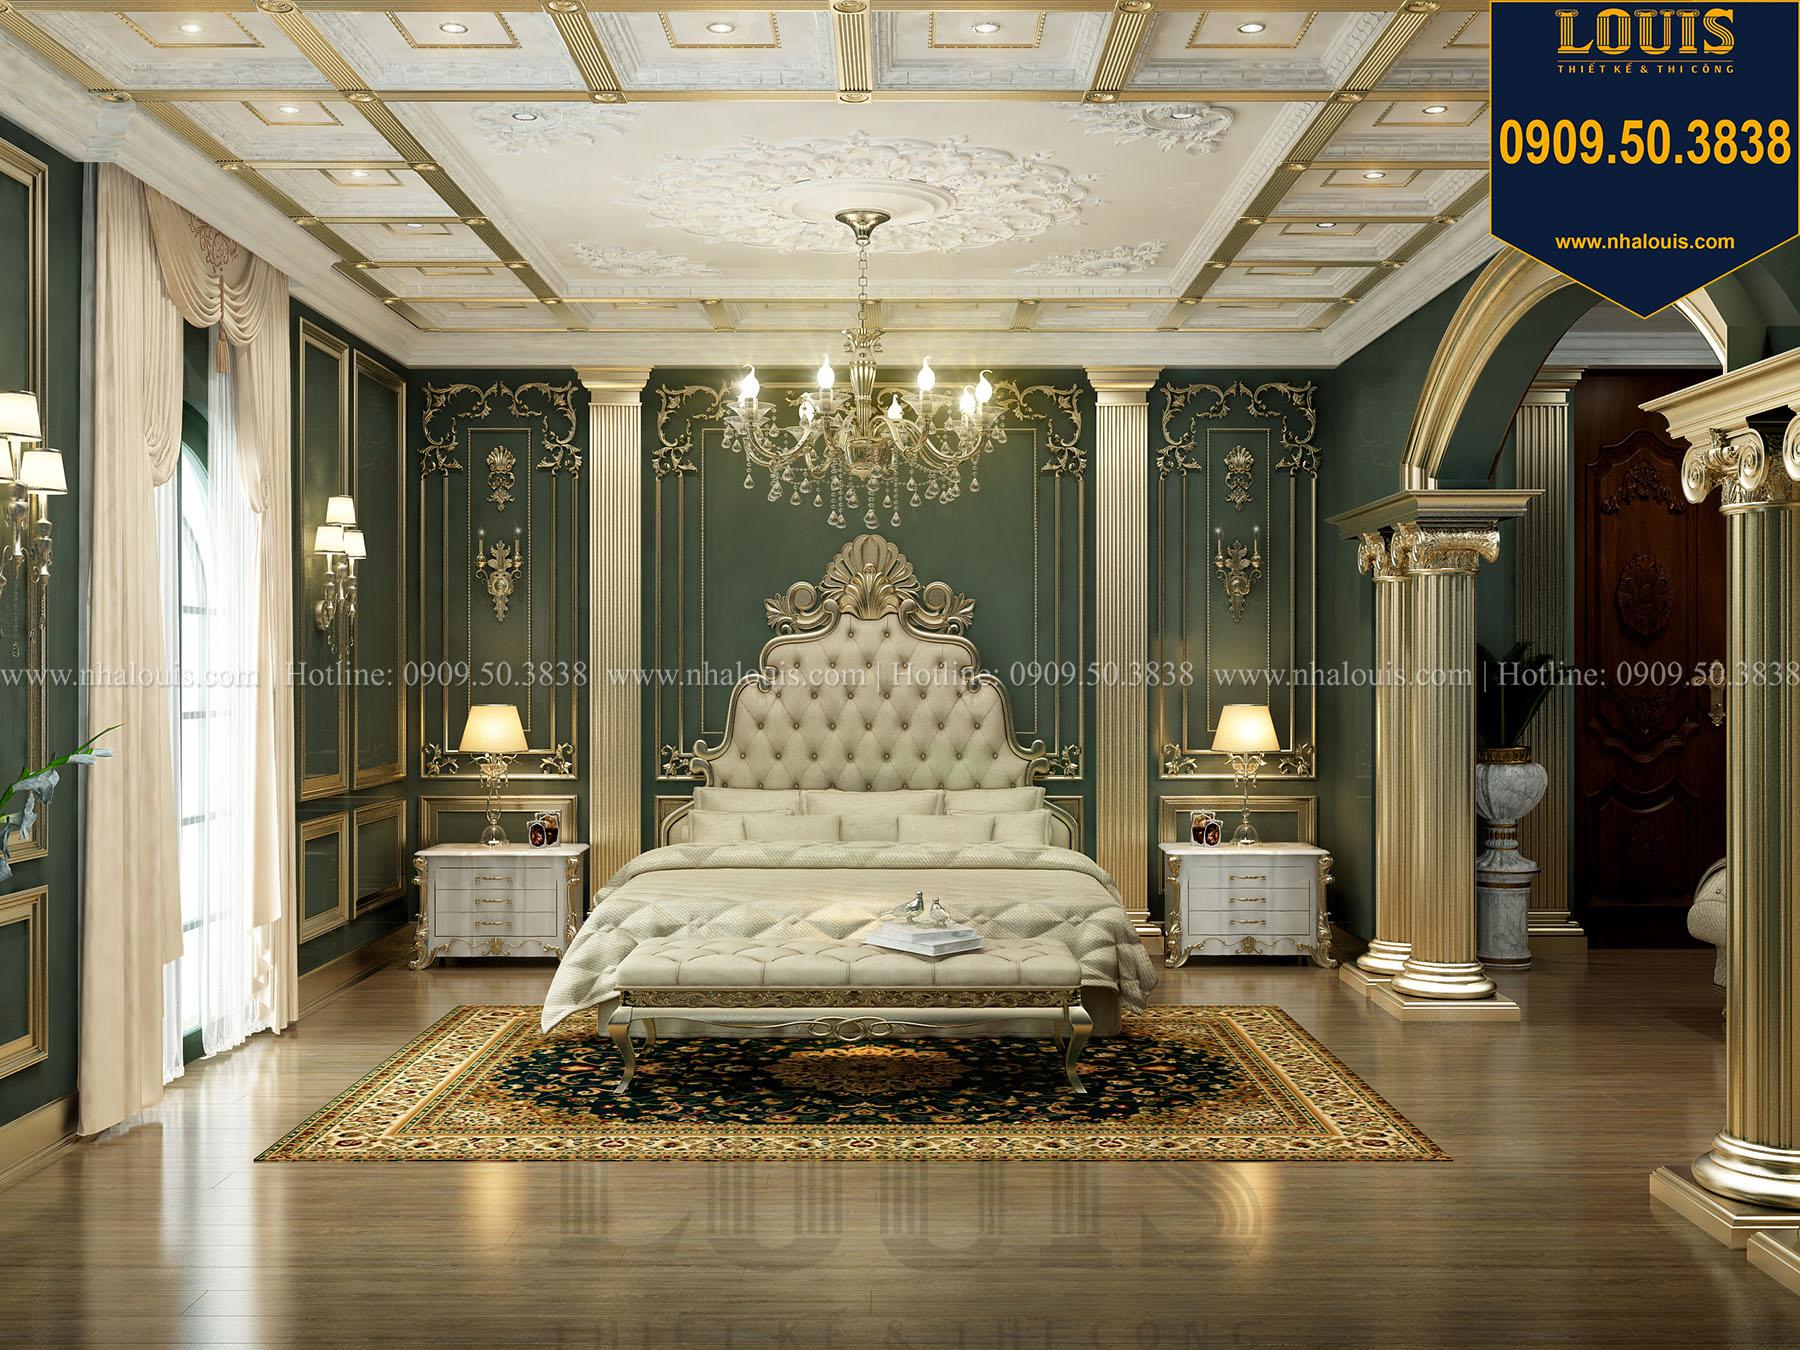 Phòng ngủ master Biệt thự Châu Âu cổ điển chuẩn sang chảnh tại Nhà Bè - 026